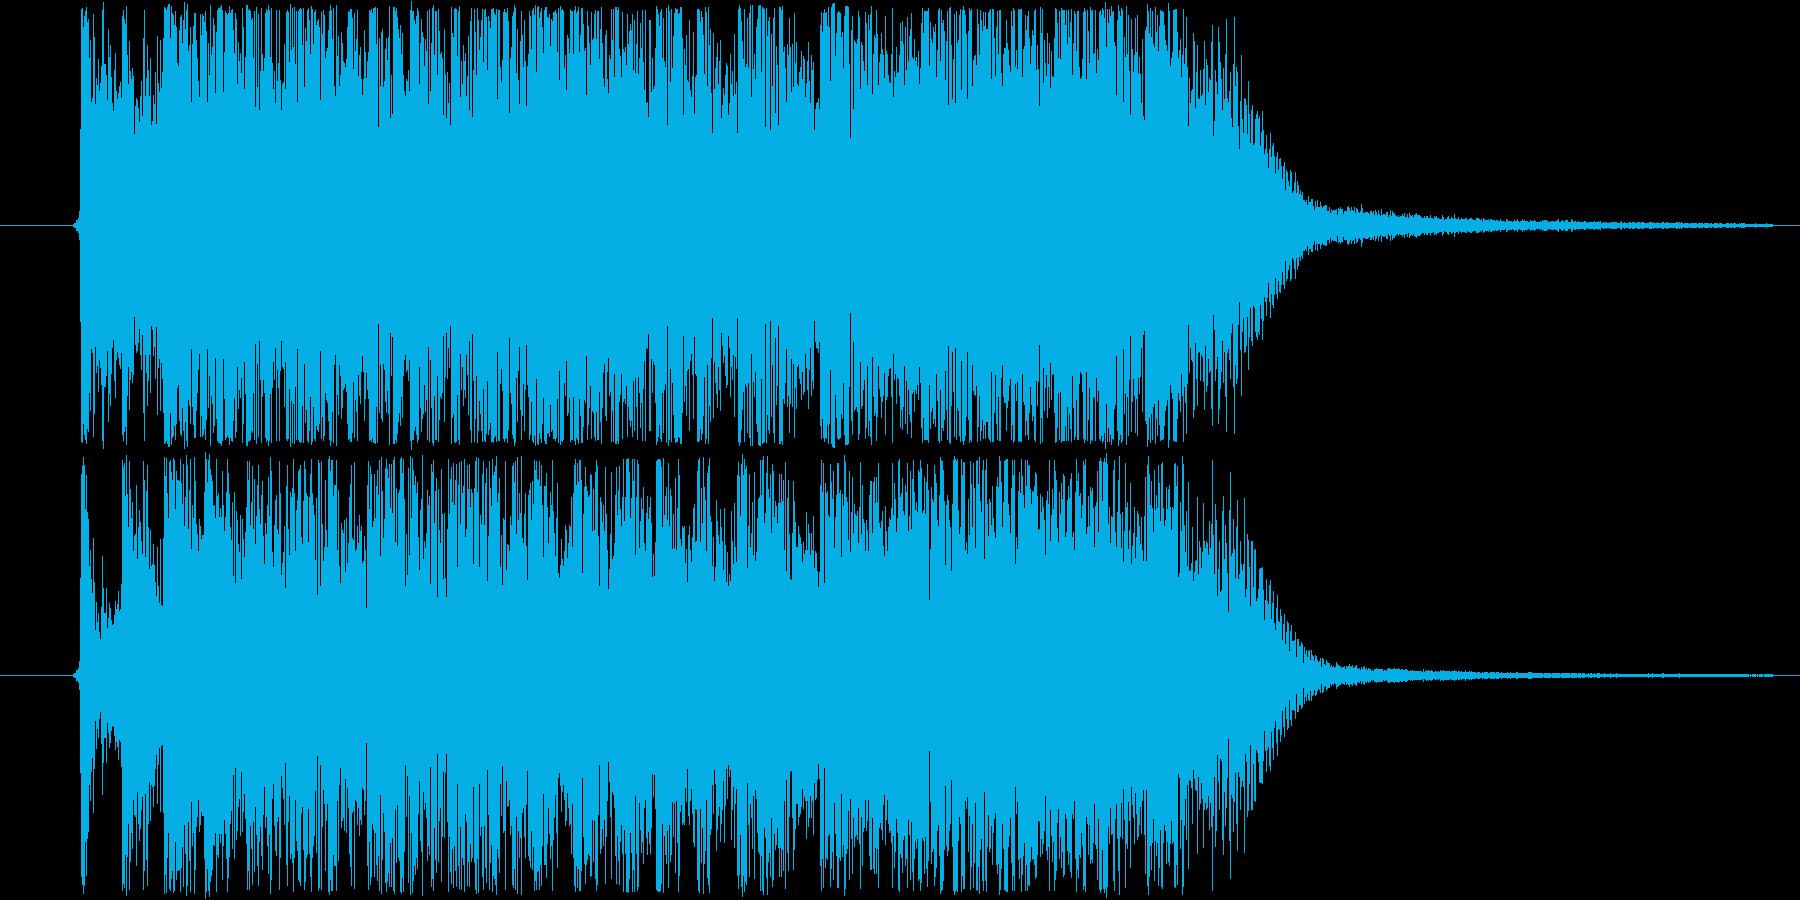 格闘・戦闘系イメージのメタル的ジングルの再生済みの波形